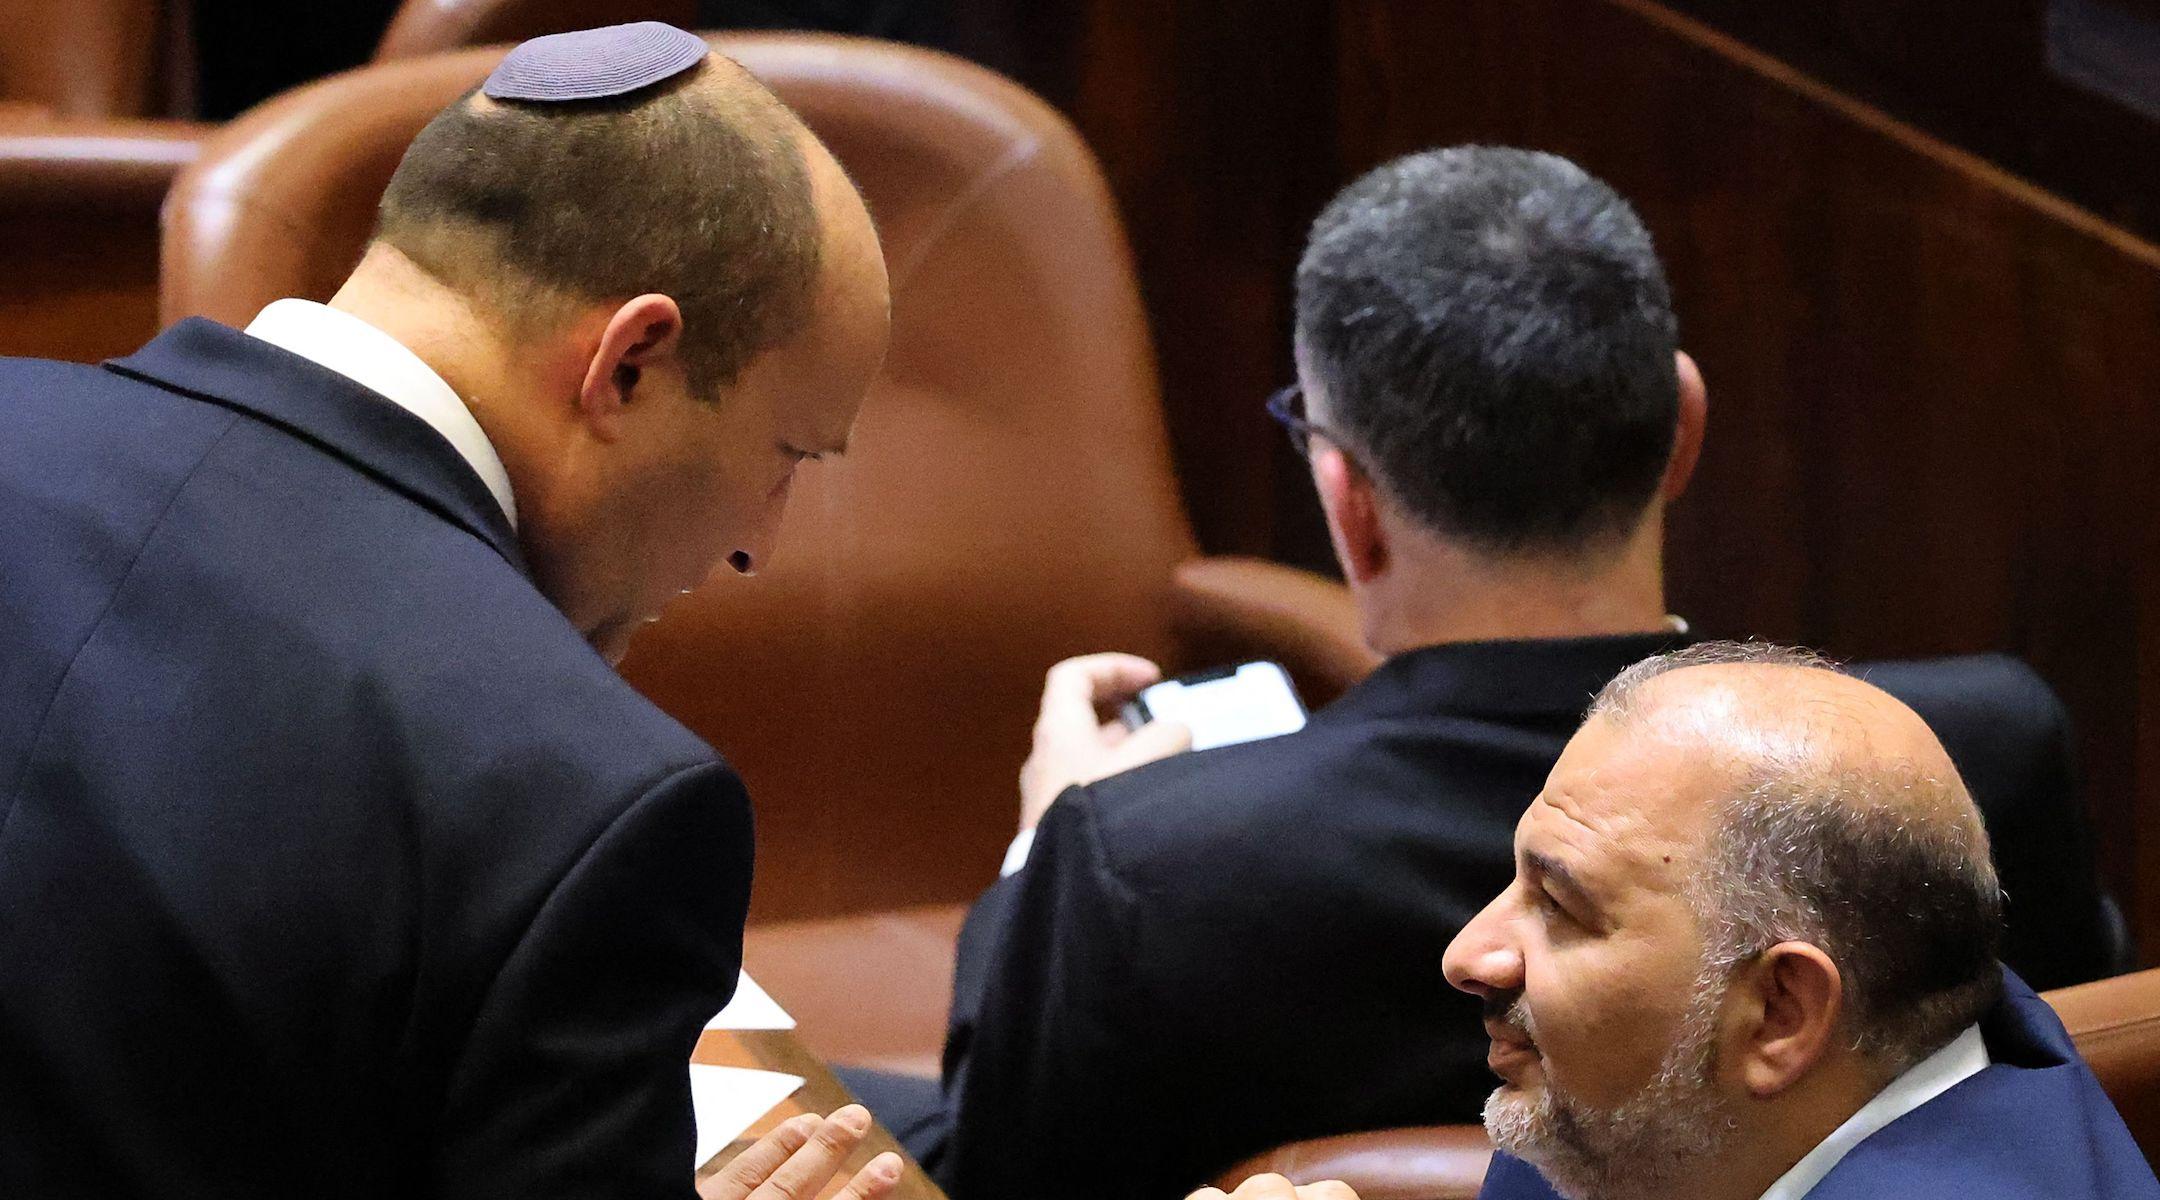 Naftali Bennett (left) speaks in Israel's Knesset with coalition partner Mansour Abbas on June 13, 2021, the day Bennett became prime minister of Israel. (Emmanuel Dunand/AFP via Getty Images)